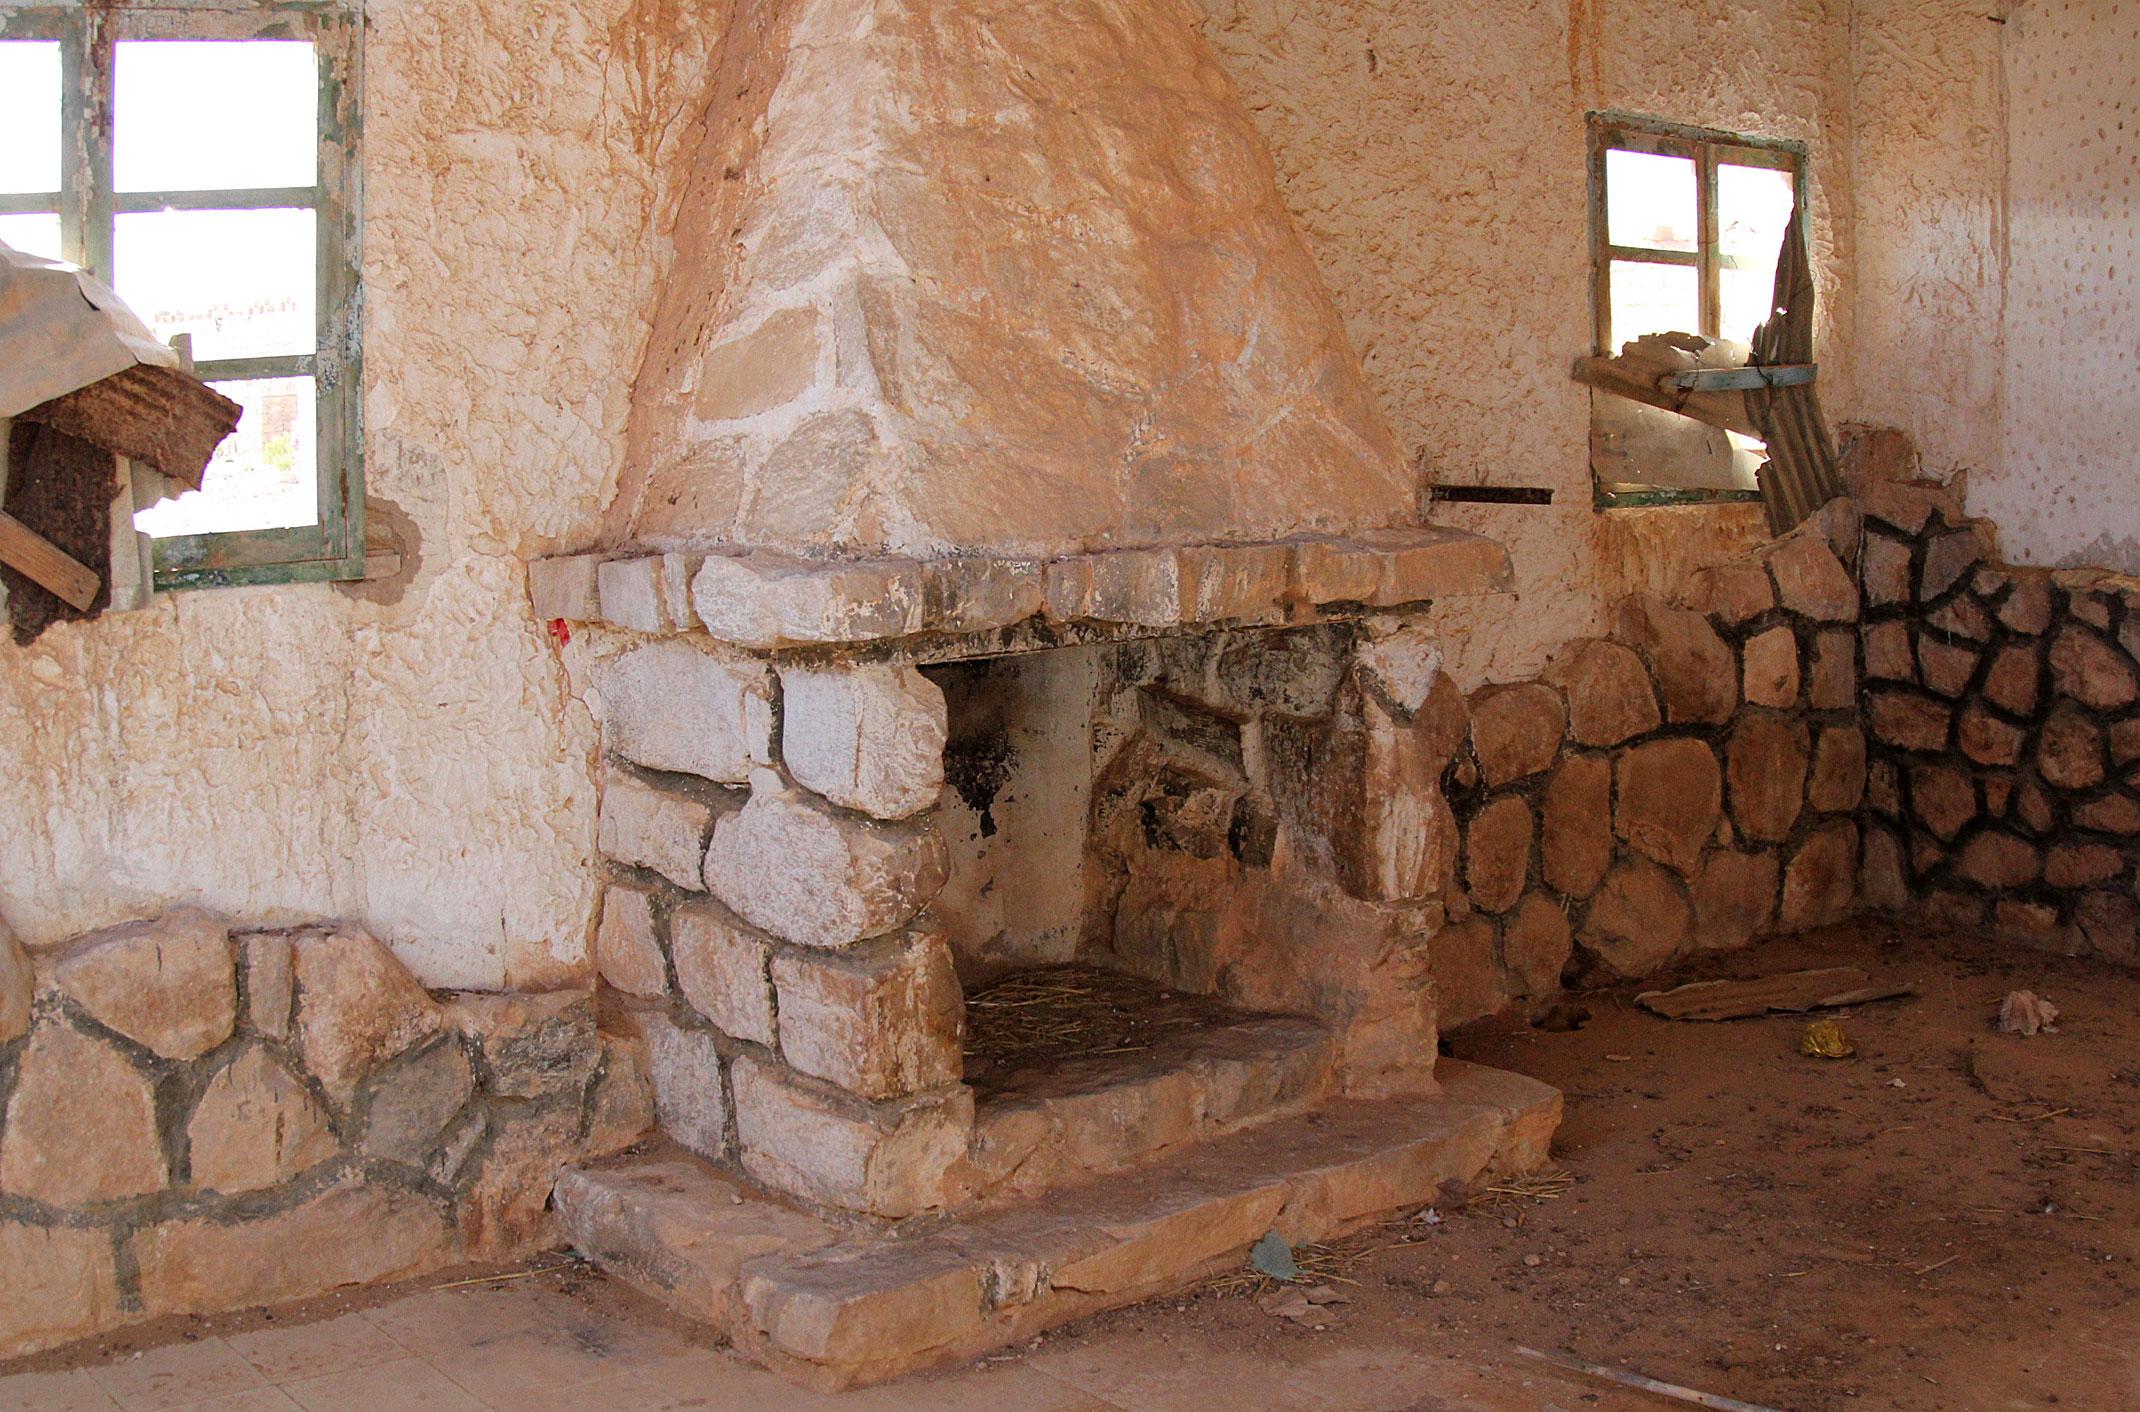 Maroko.Wnętrze starego Fortu El-Hagounia